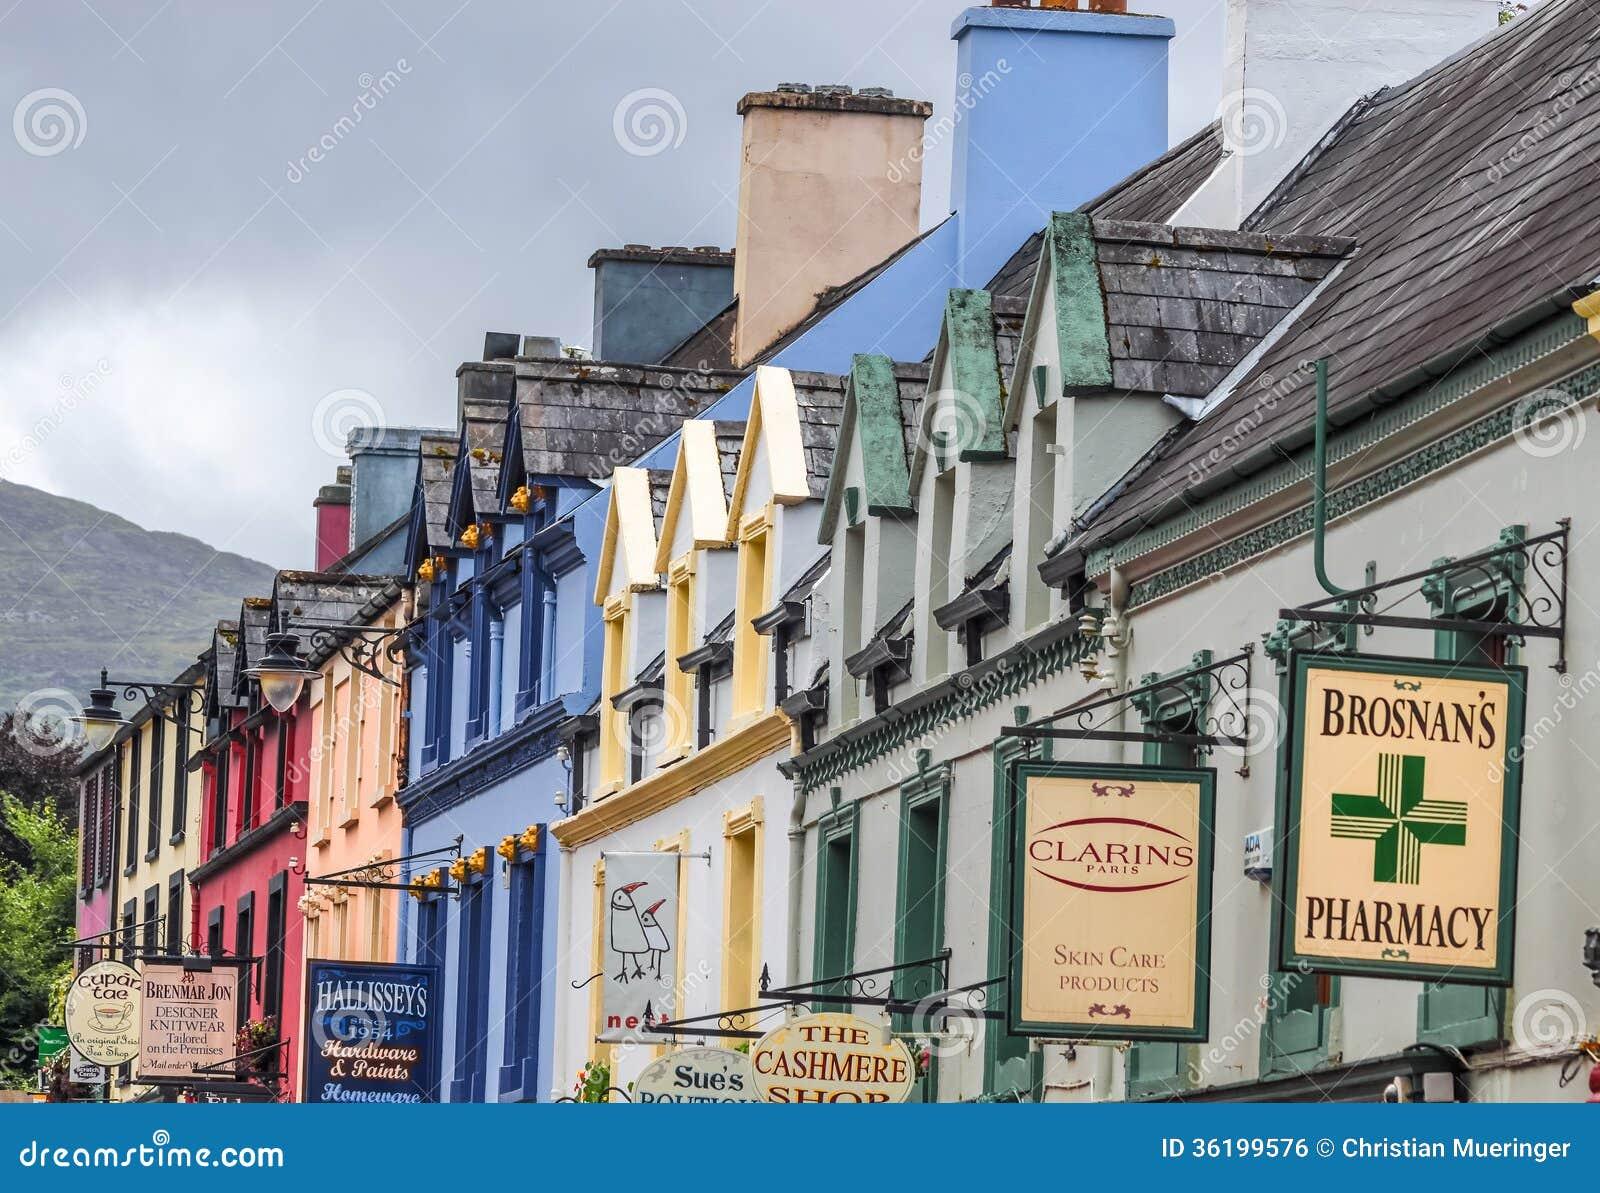 Facciate colorate delle case in kenmare fotografia - Facciate di case colorate ...